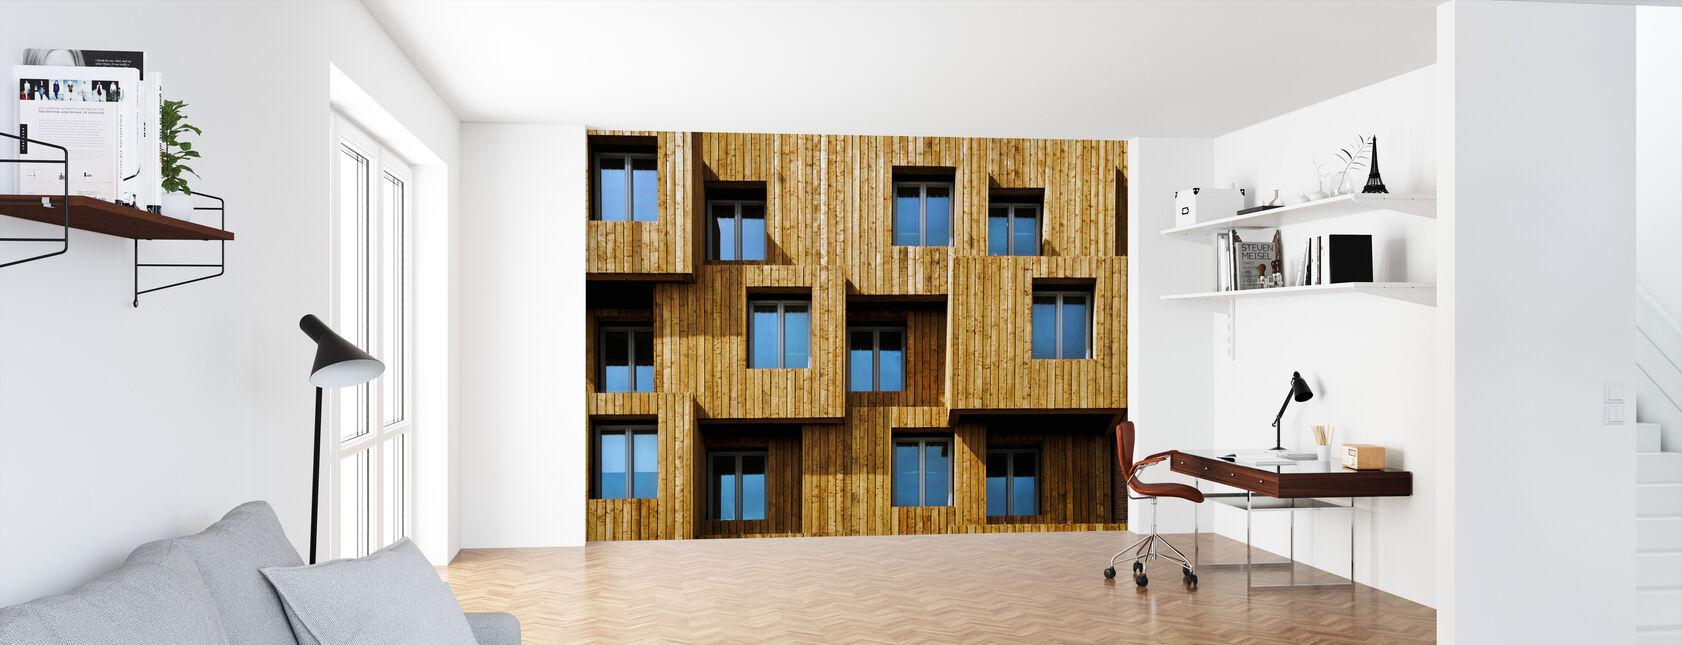 Kleine Dozen - Behang - Kantoor